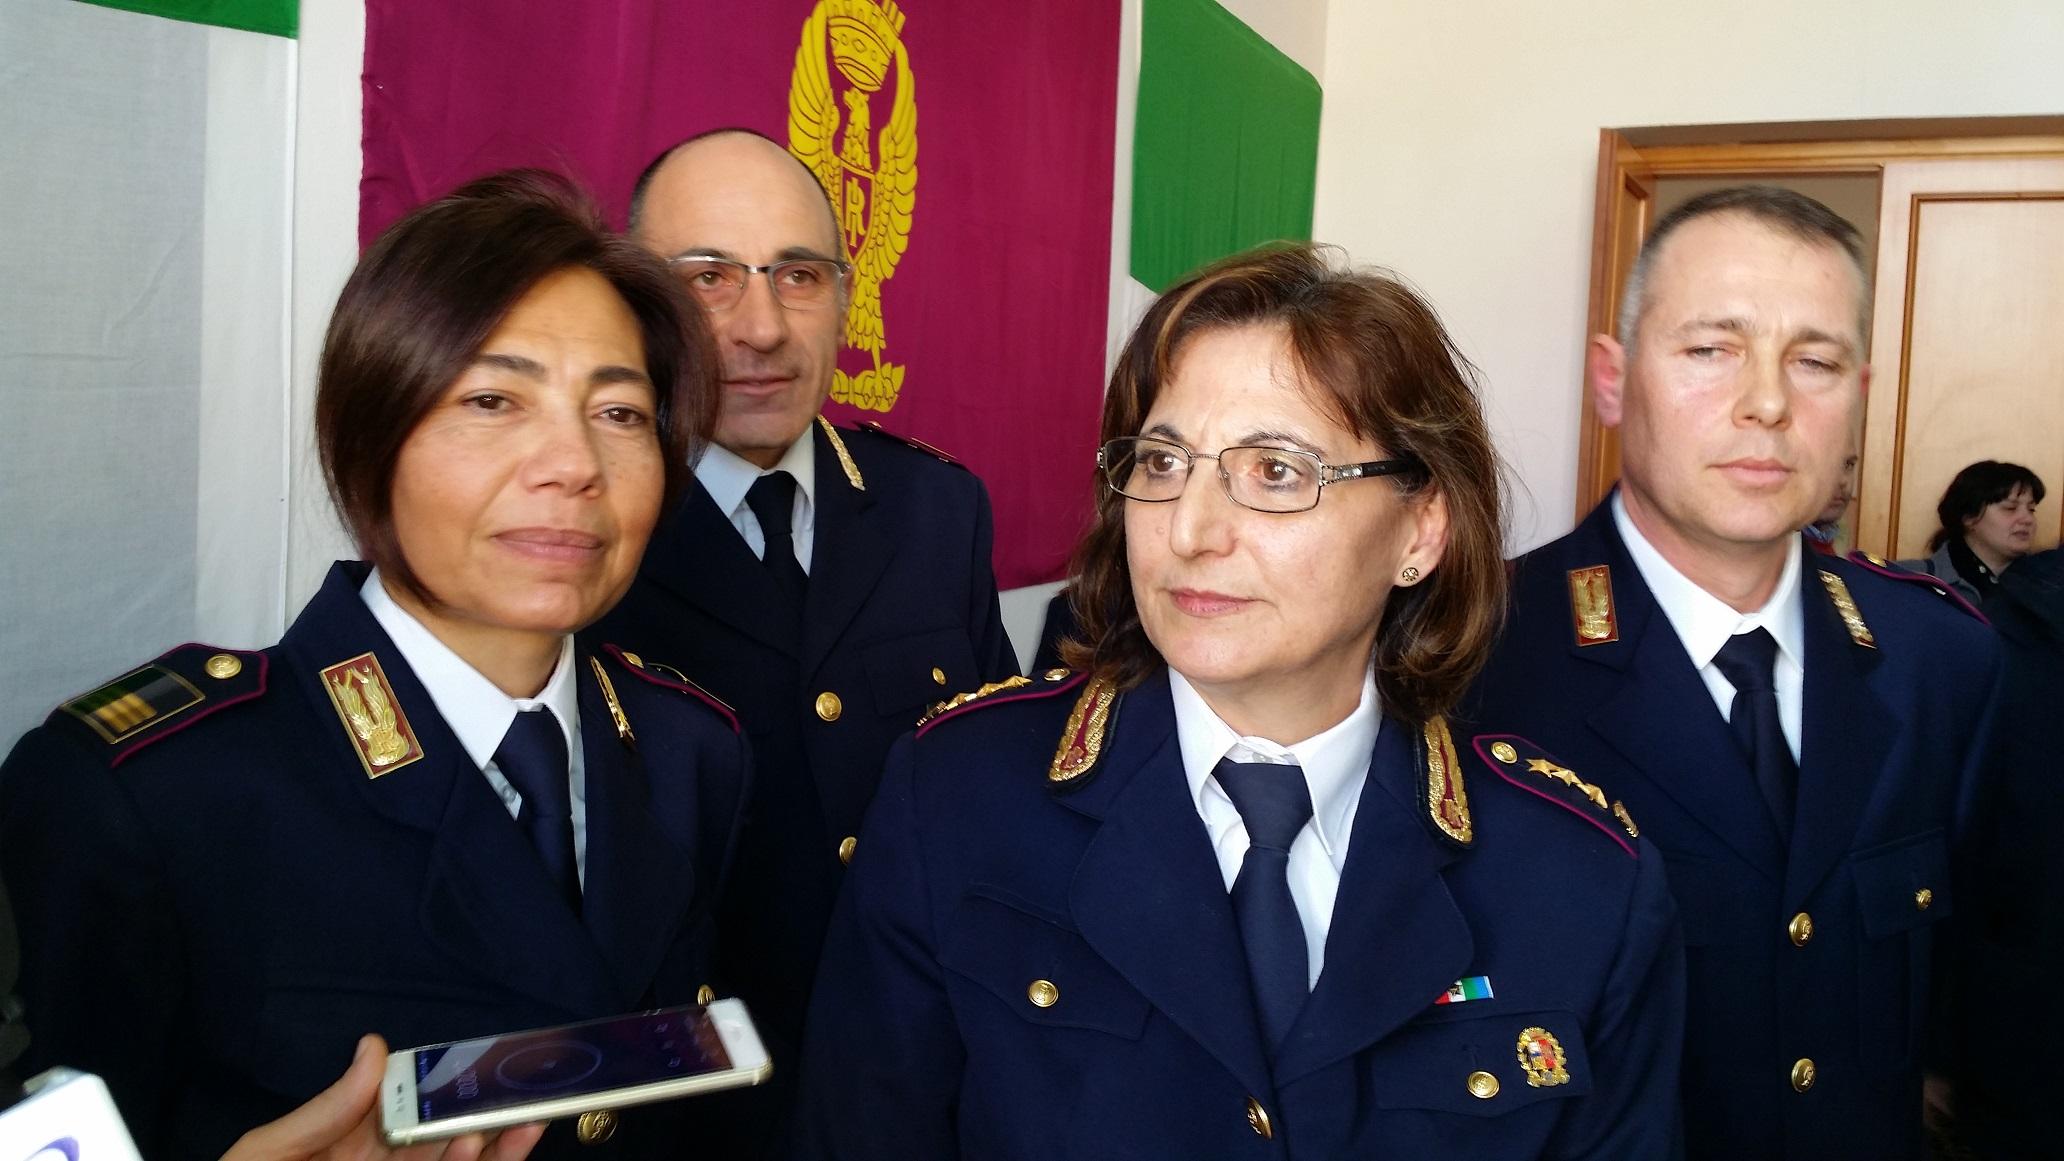 Sequestrati dalla polizia beni per 3 milioni di euro a Gianluca Tuma